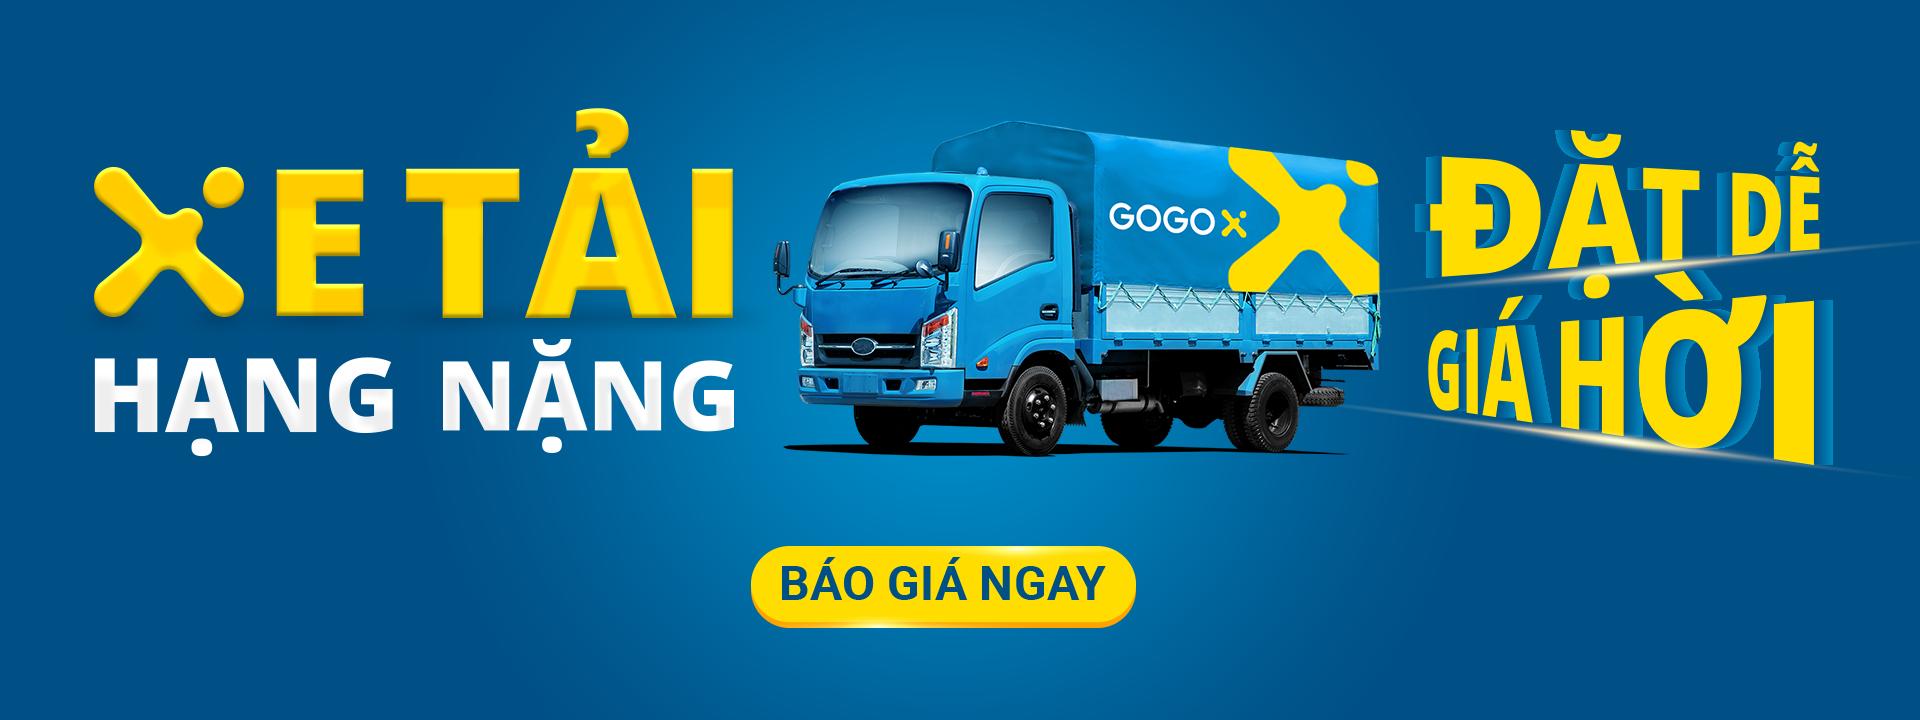 thuê xe tải hạng nặng giá rẻ